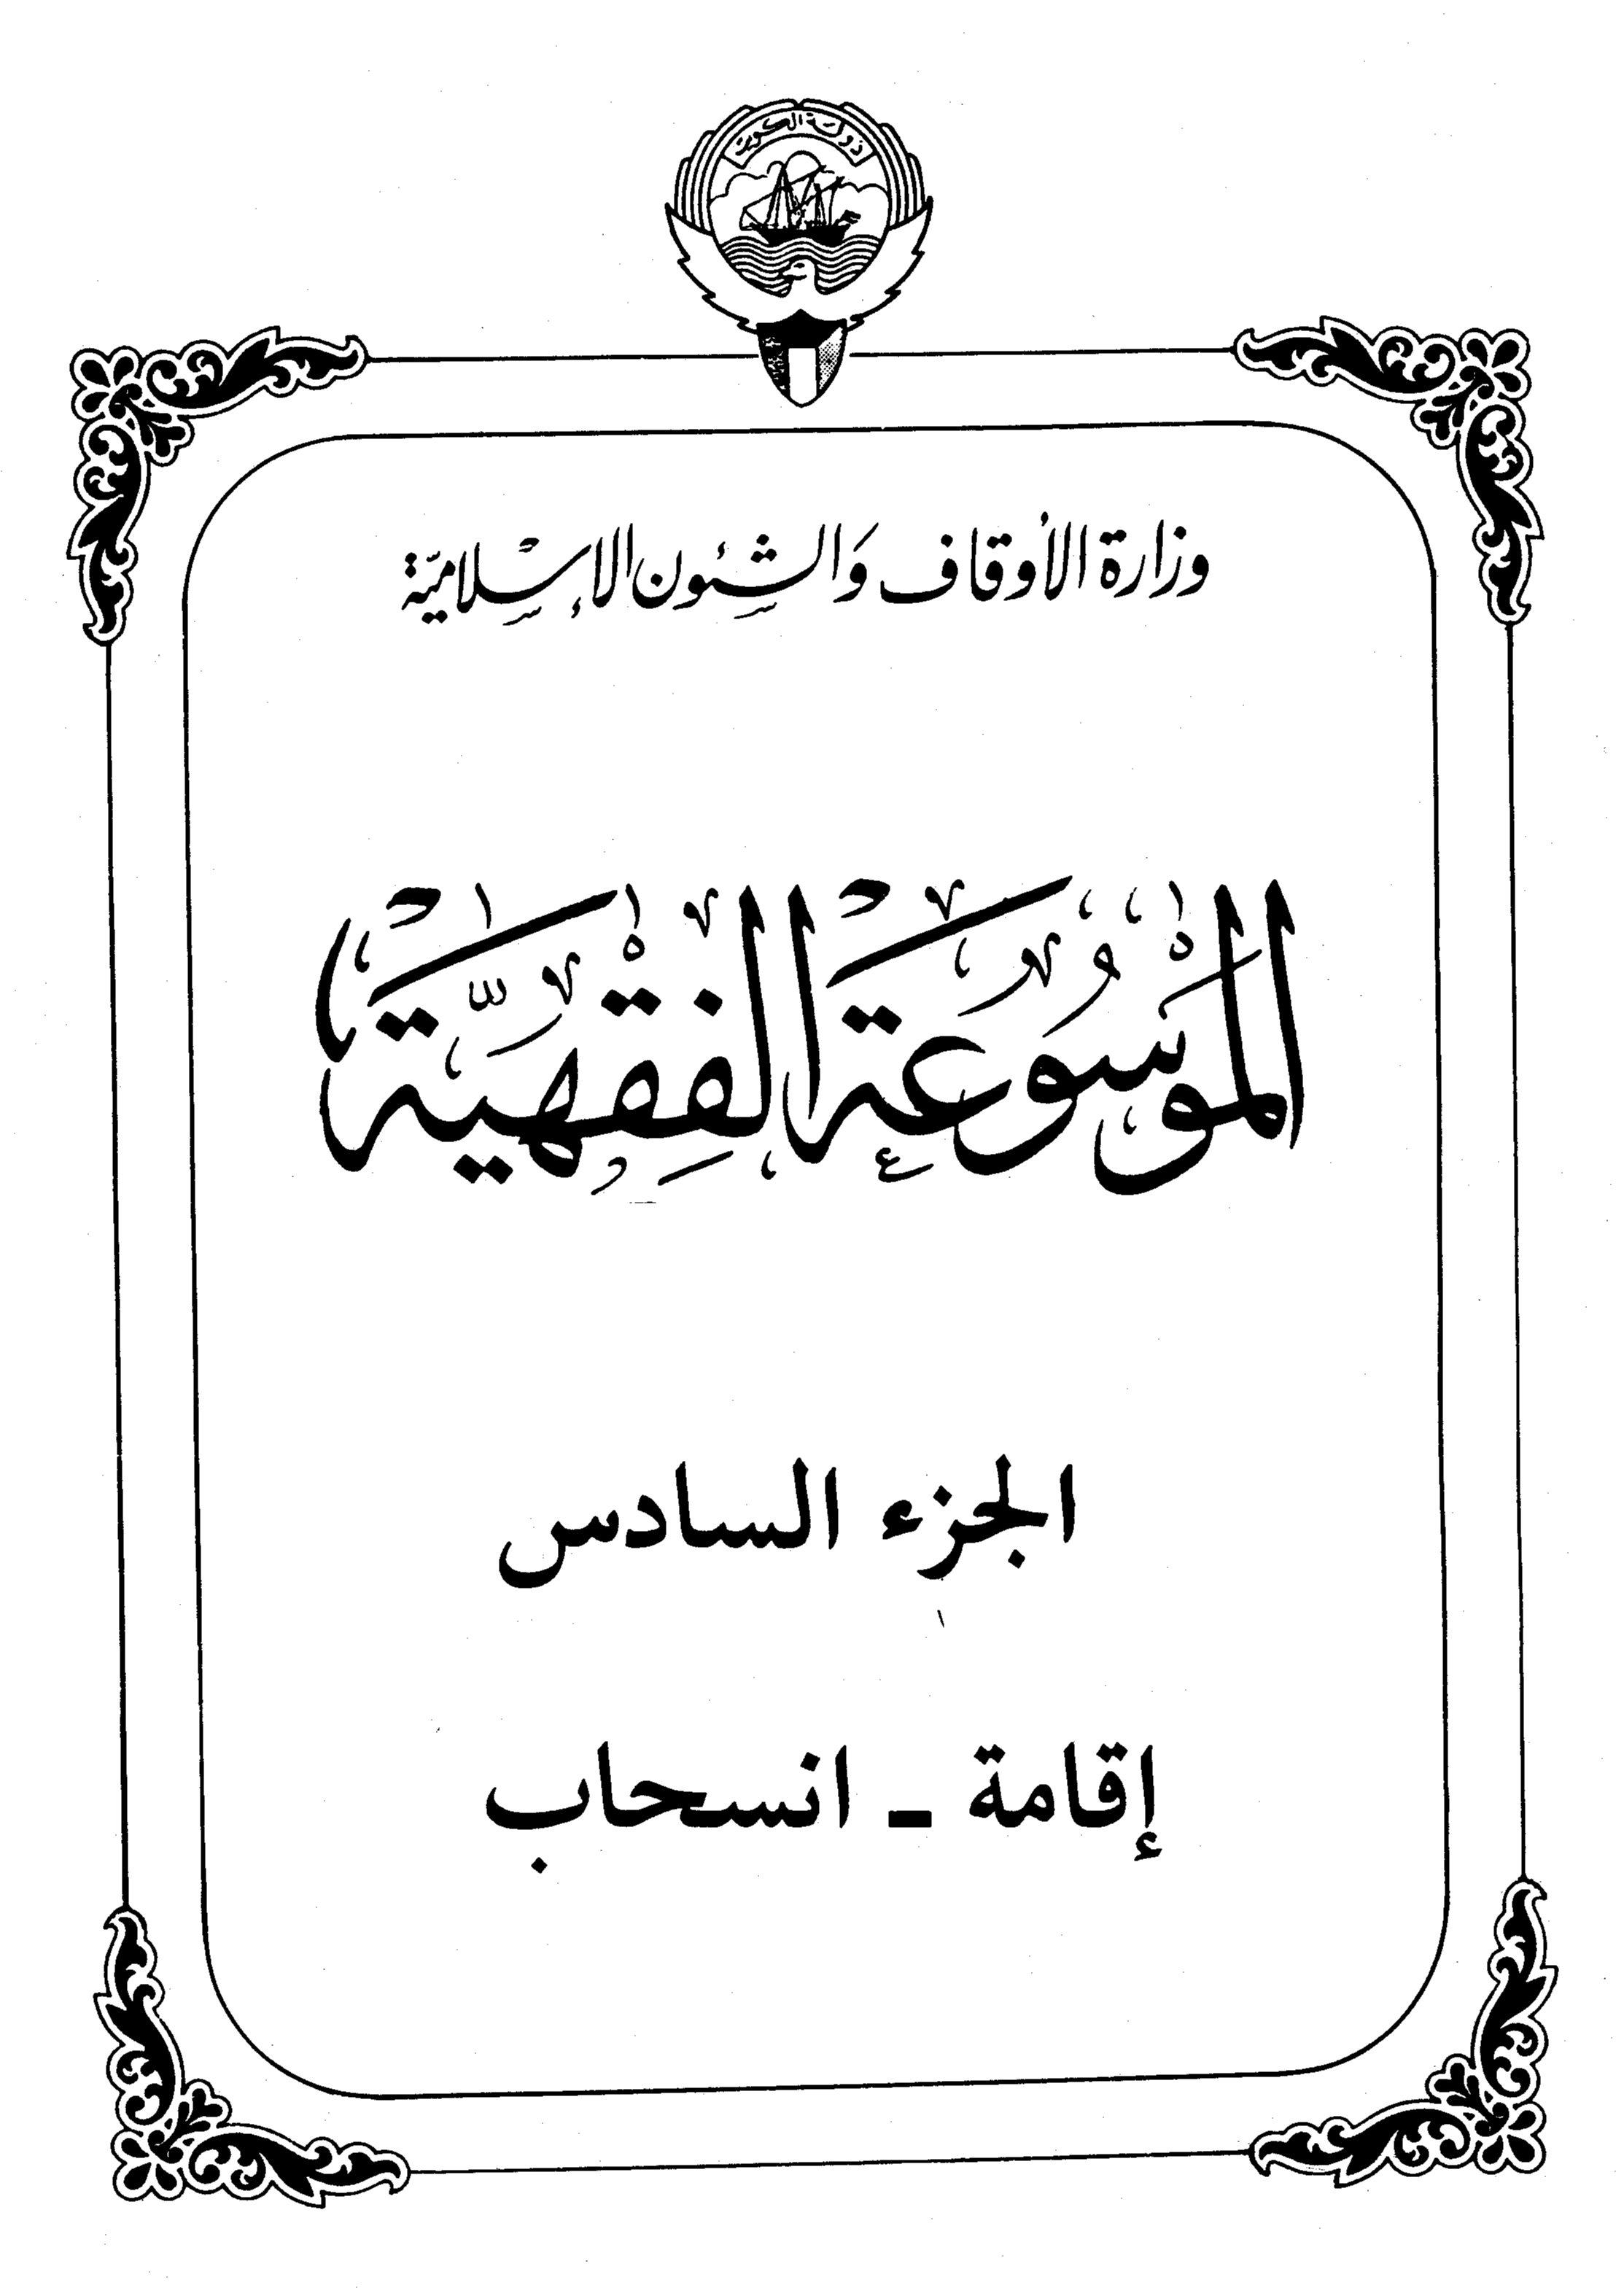 الموسوعة الفقهية الكويتية الجزء السادس (إقامة - انسحاب)